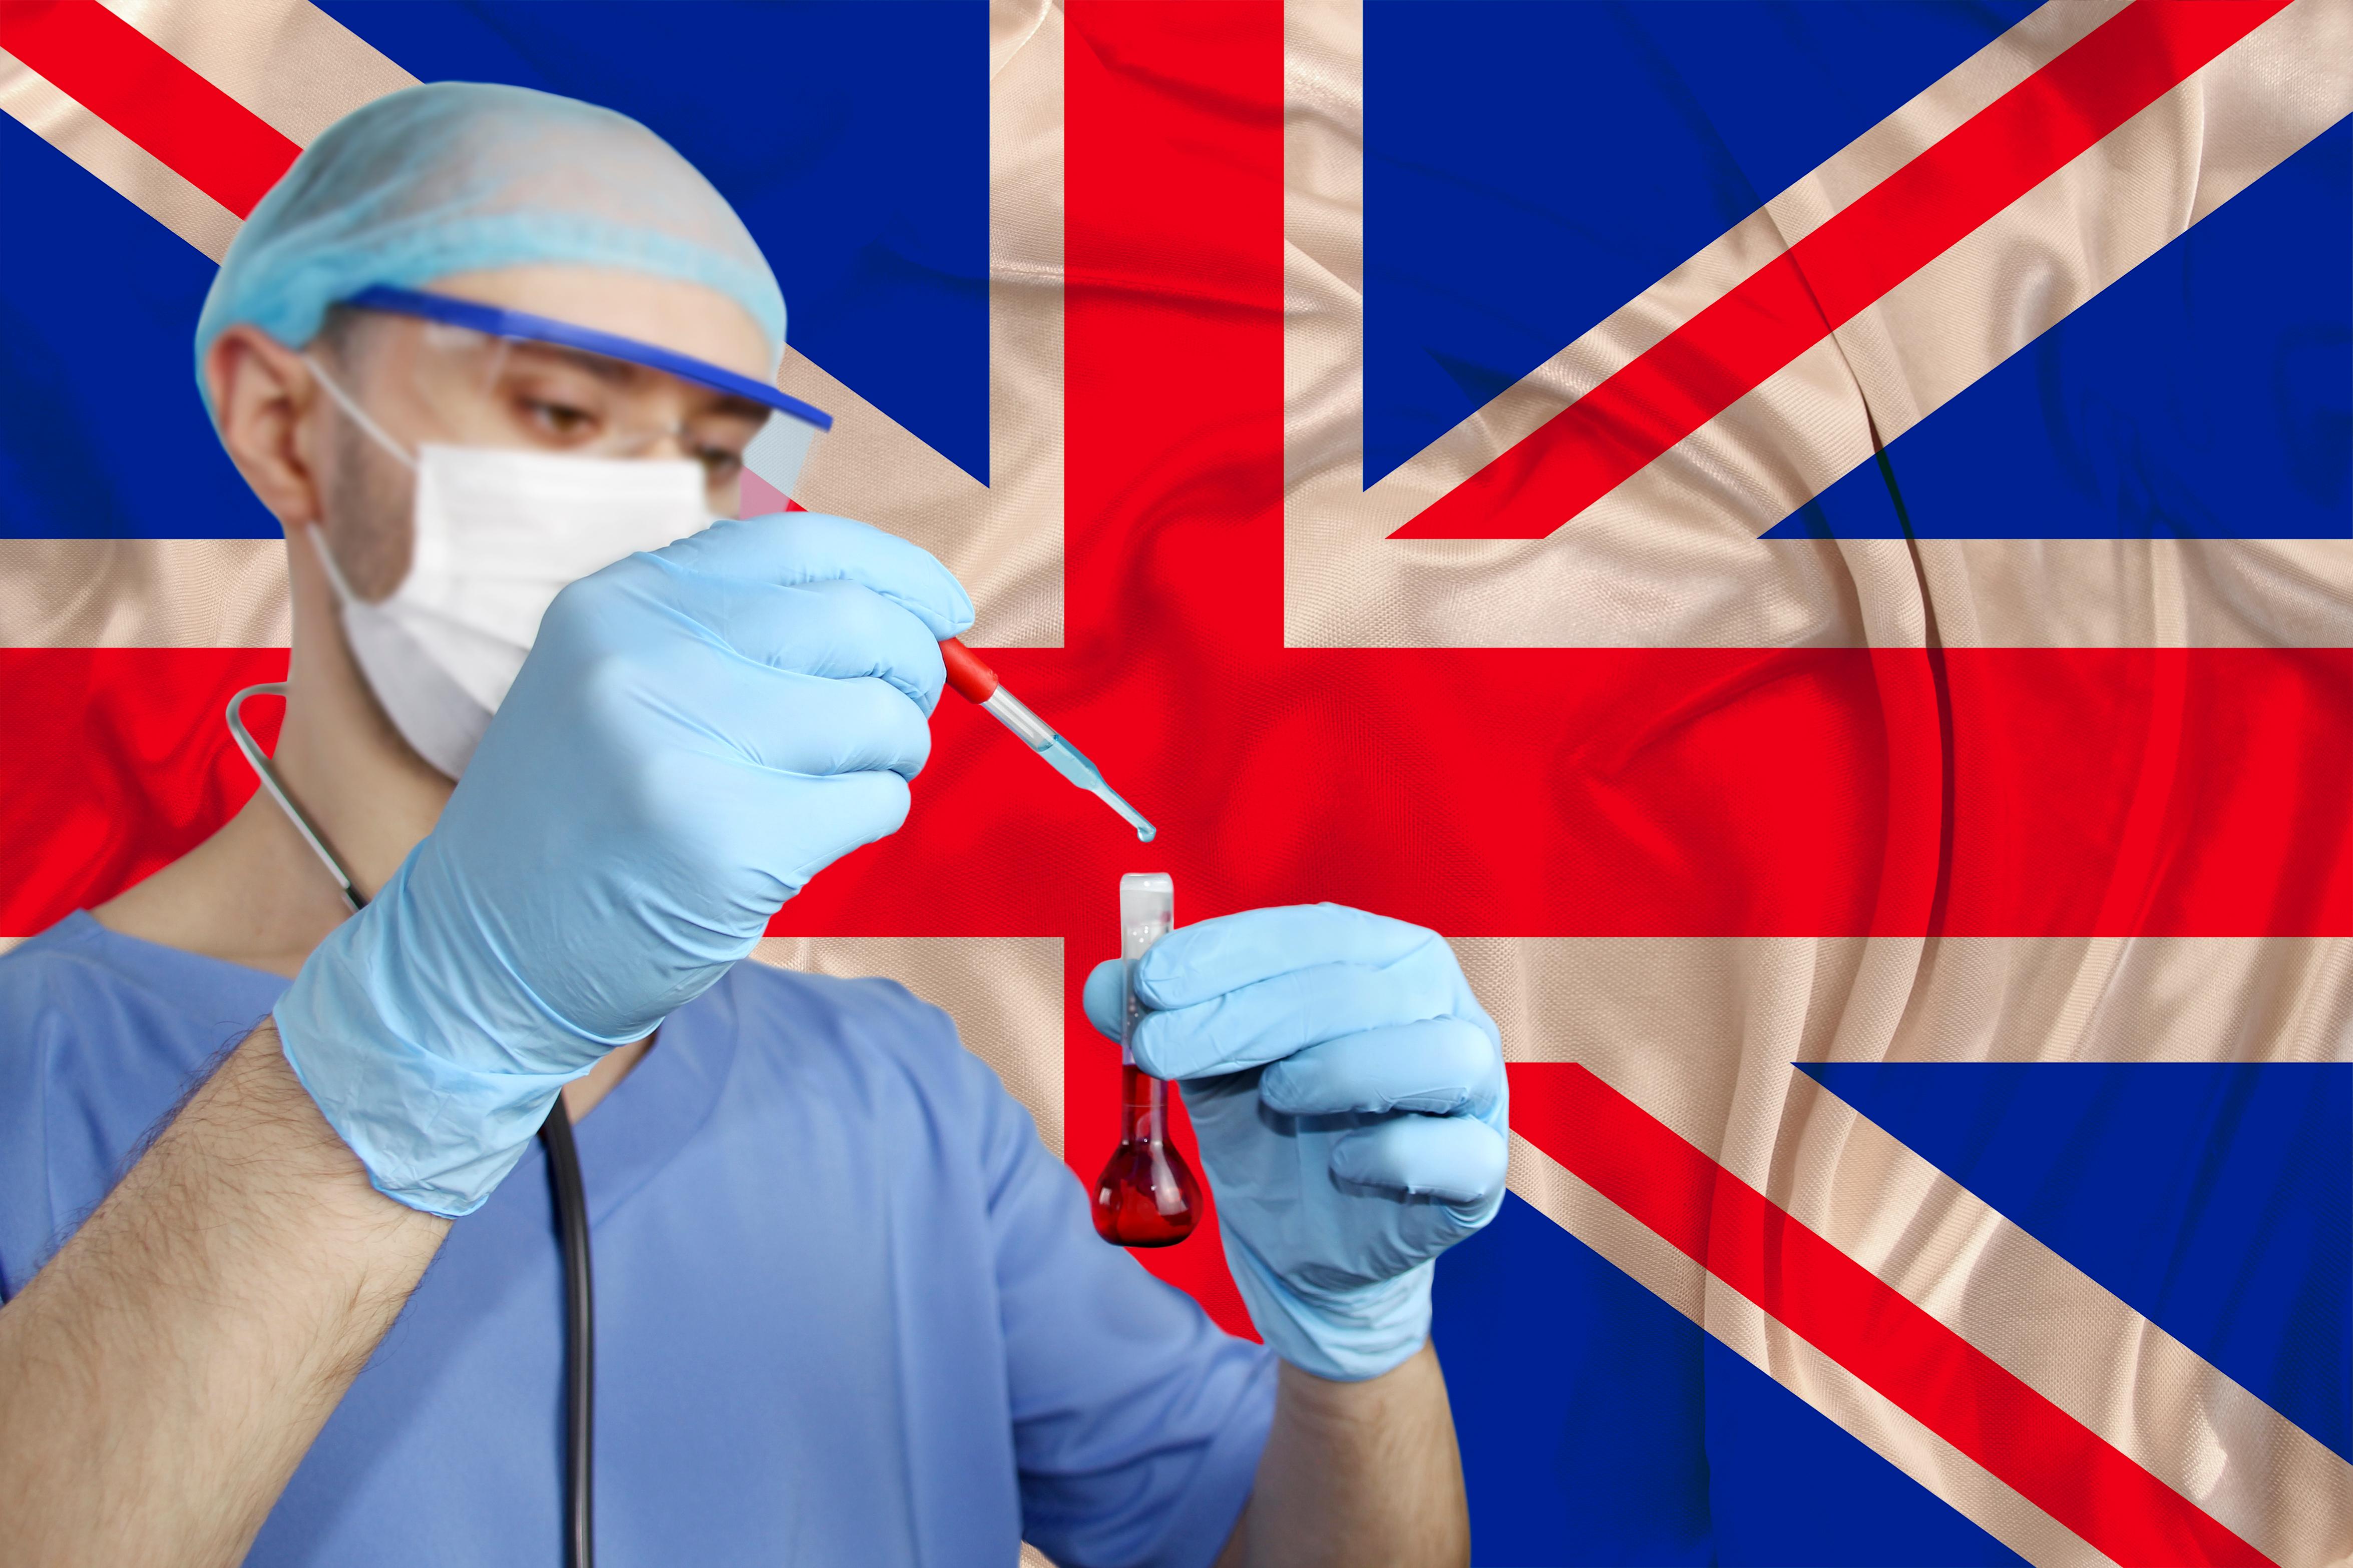 Anglia și Scoția condiționează intrarea în țară de teste negative anti-COVID. Ce se va întâmpla în Țara Galilor și Irlanda